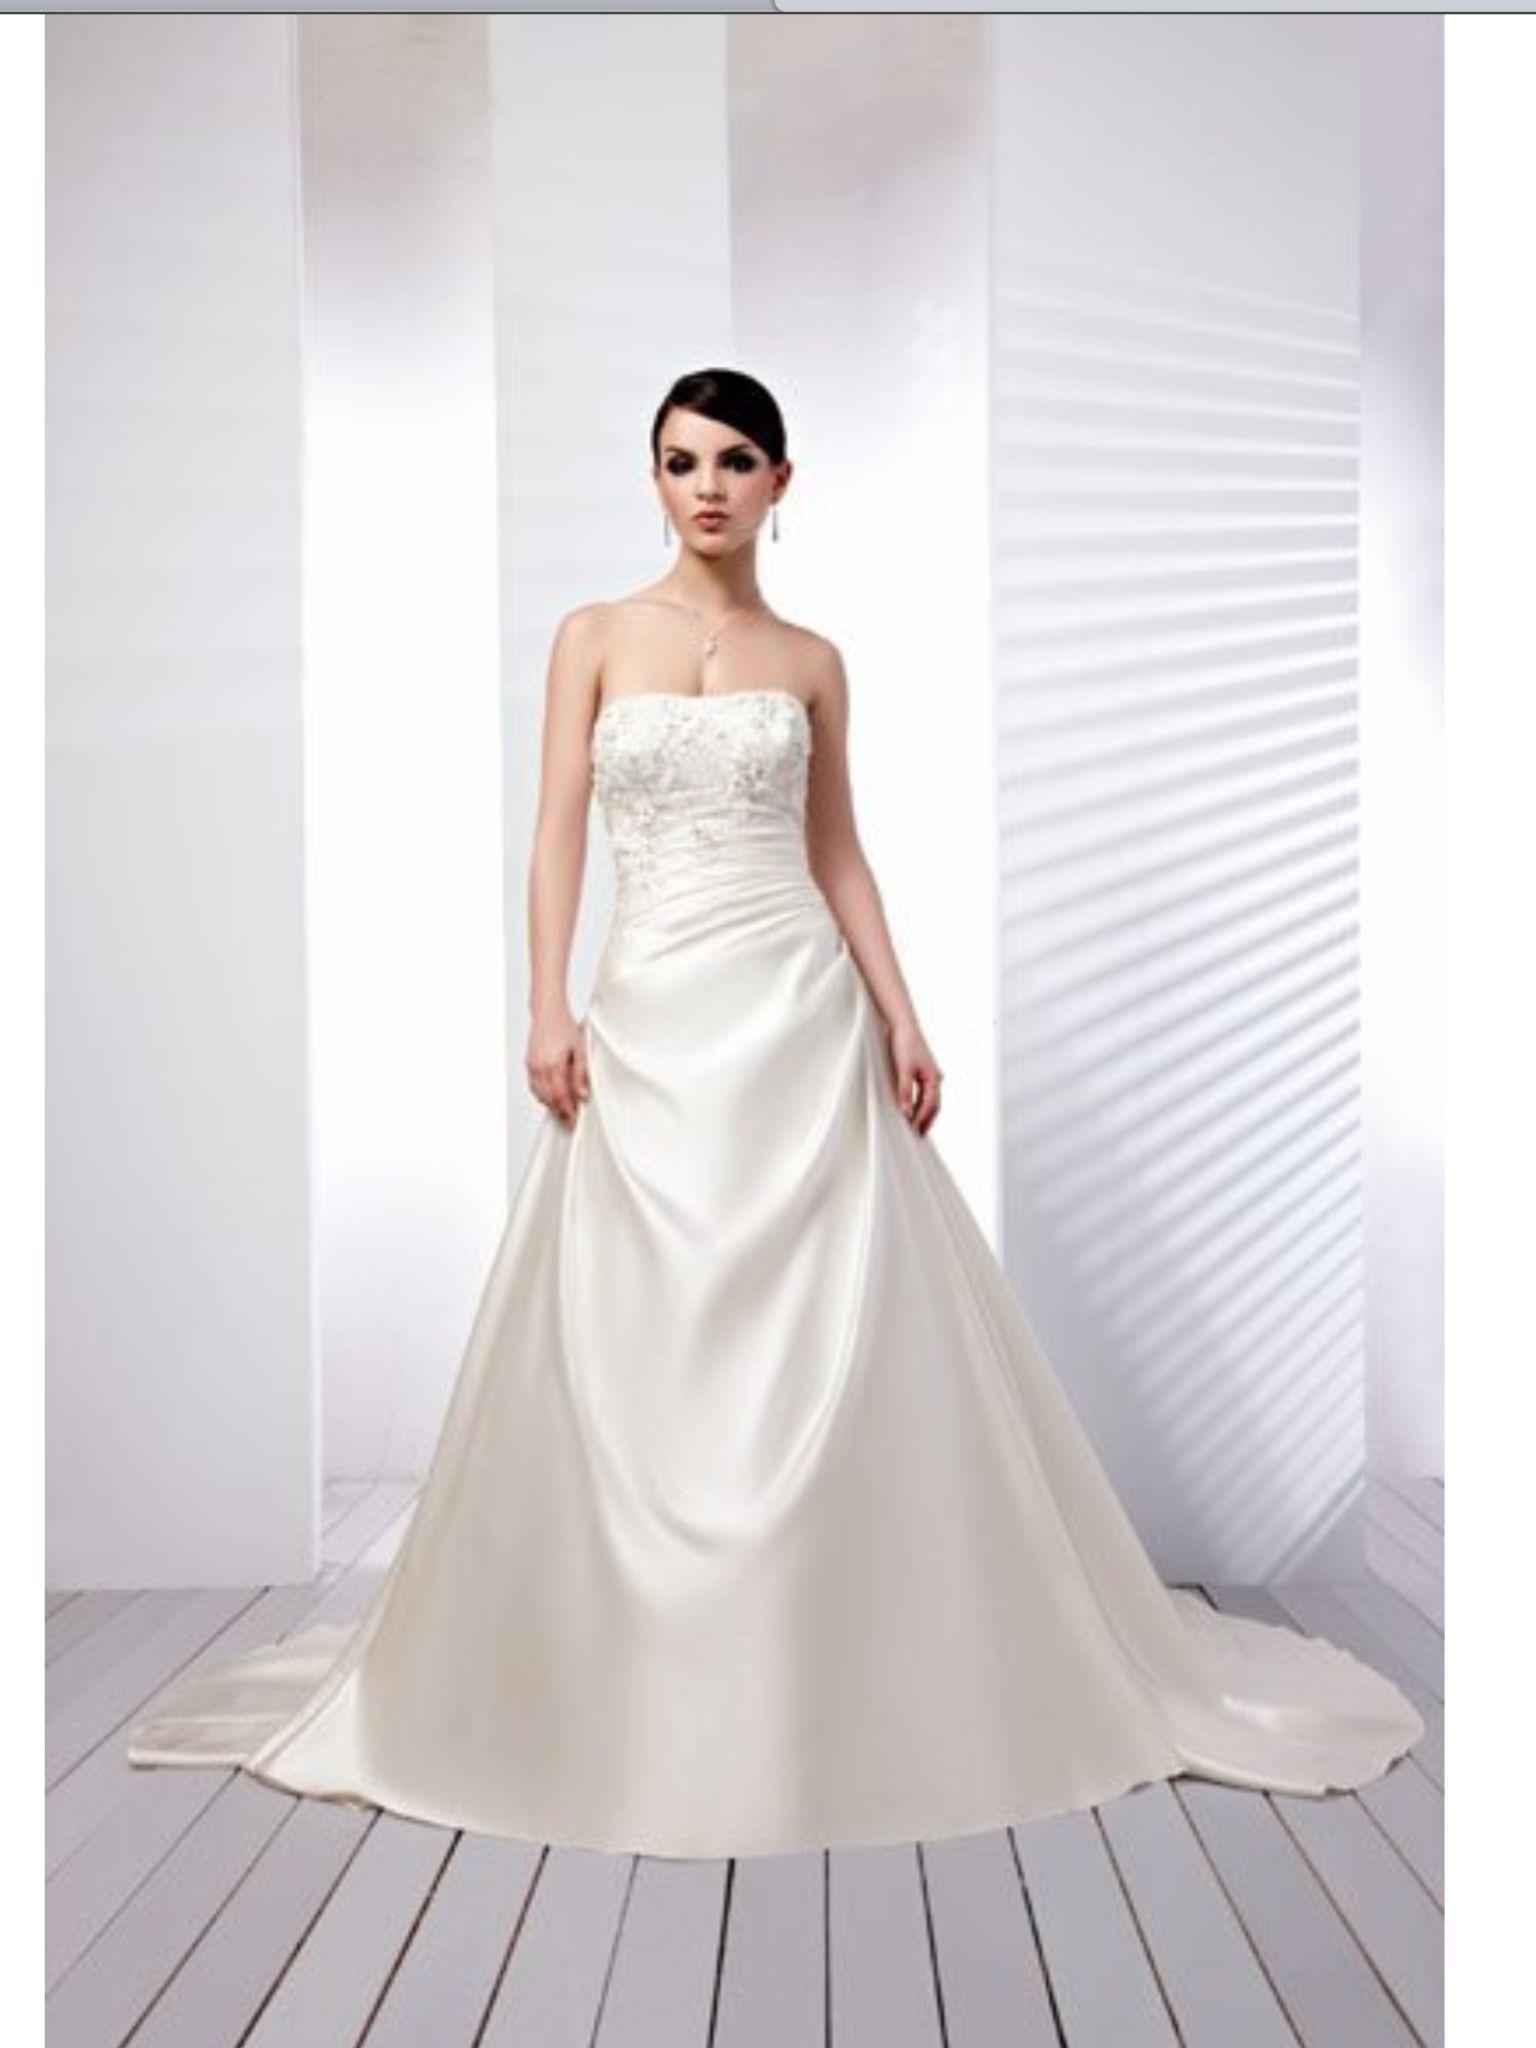 Ivory satin wedding dress on sale uk size 18 wedding dresses ivory satin wedding dress on sale uk size 18 ombrellifo Choice Image